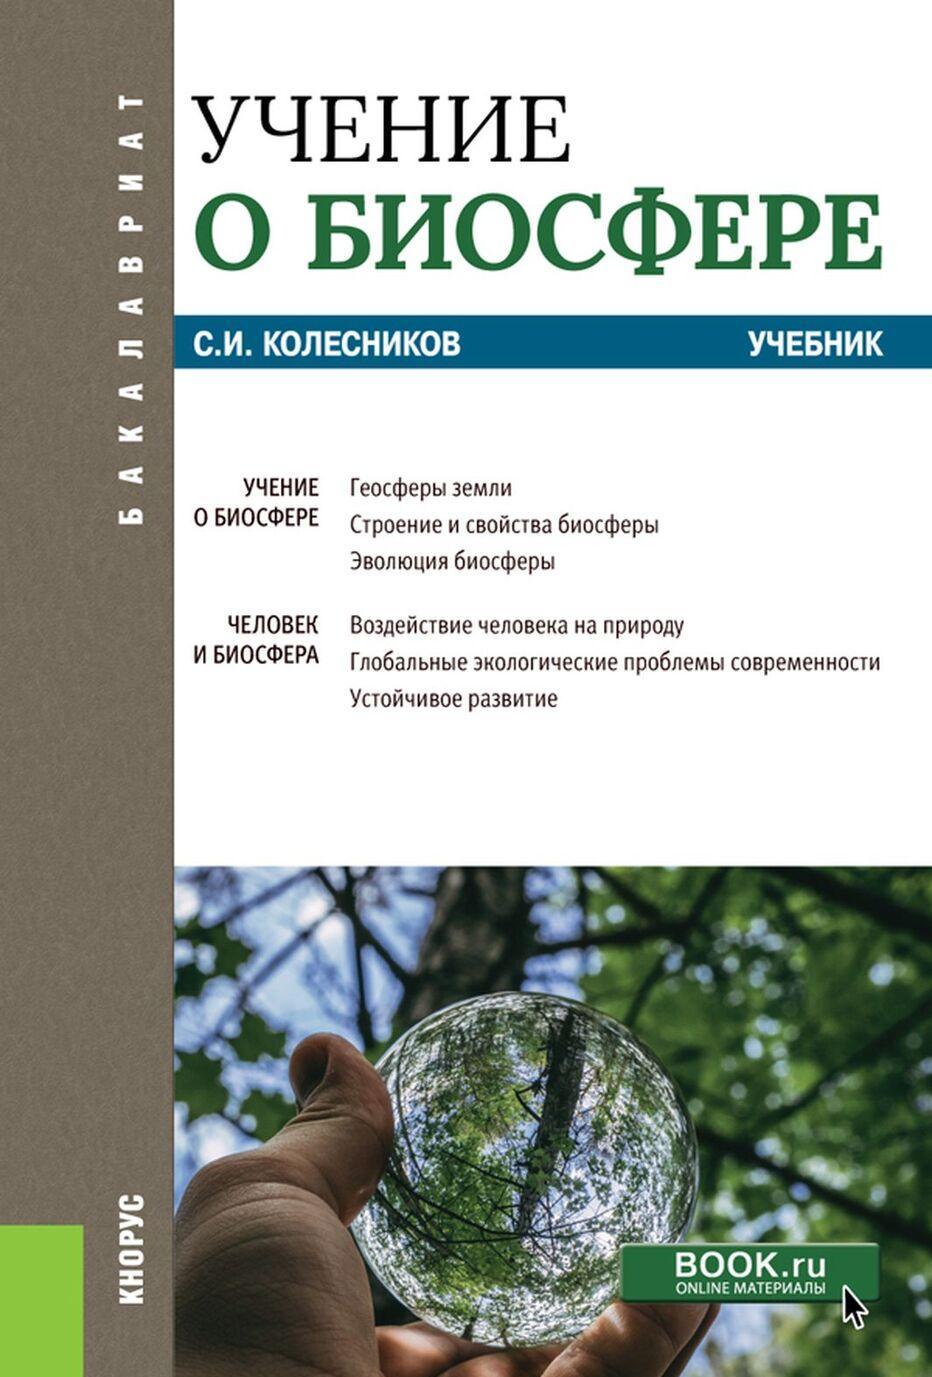 Uchenie o biosfere. (Bakalavriat). Uchebnik